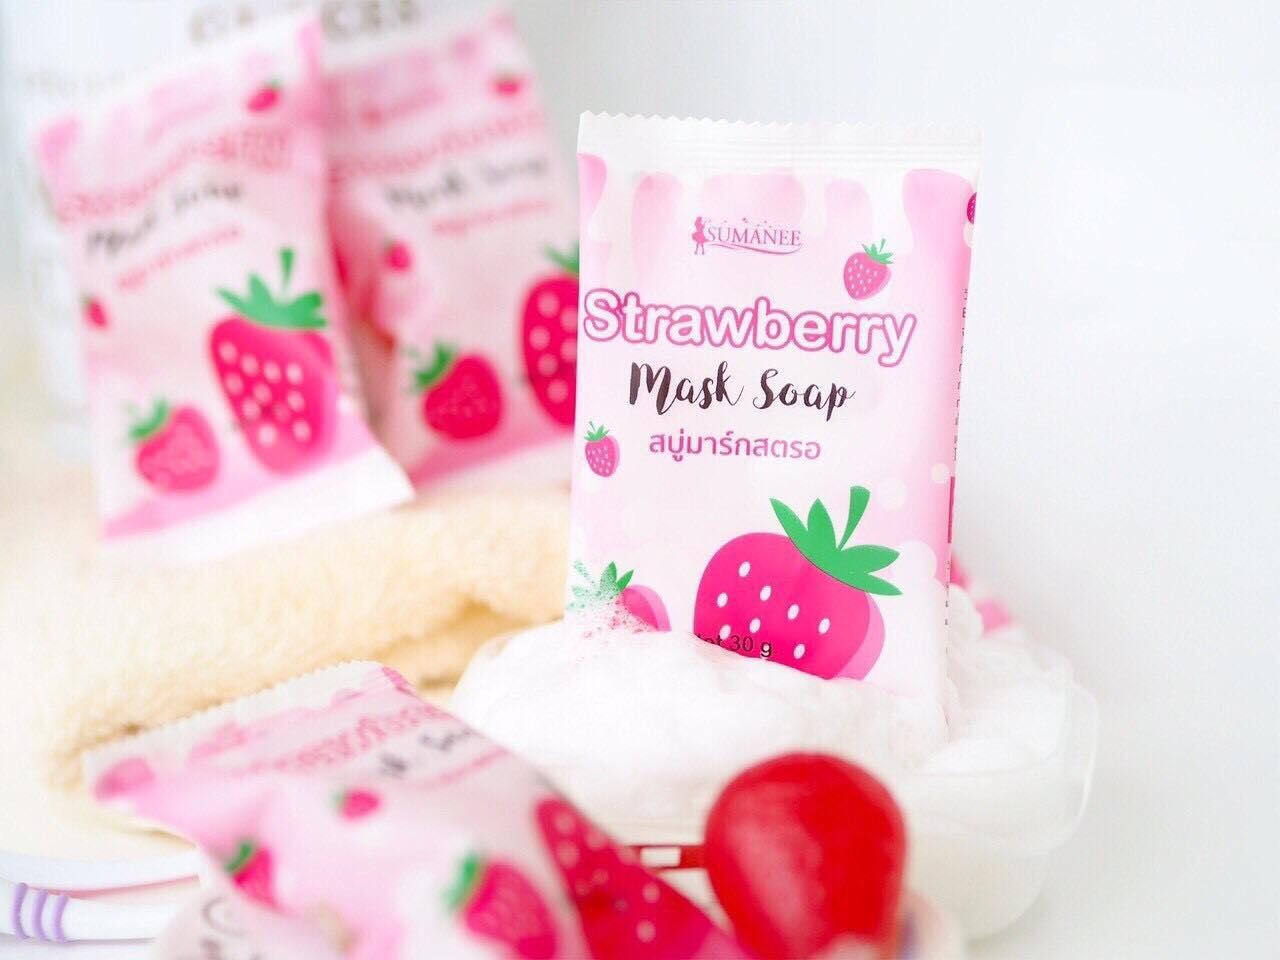 สบู่มาร์คสตอเบอรี่ Strawberry Mask Soapby sumanee